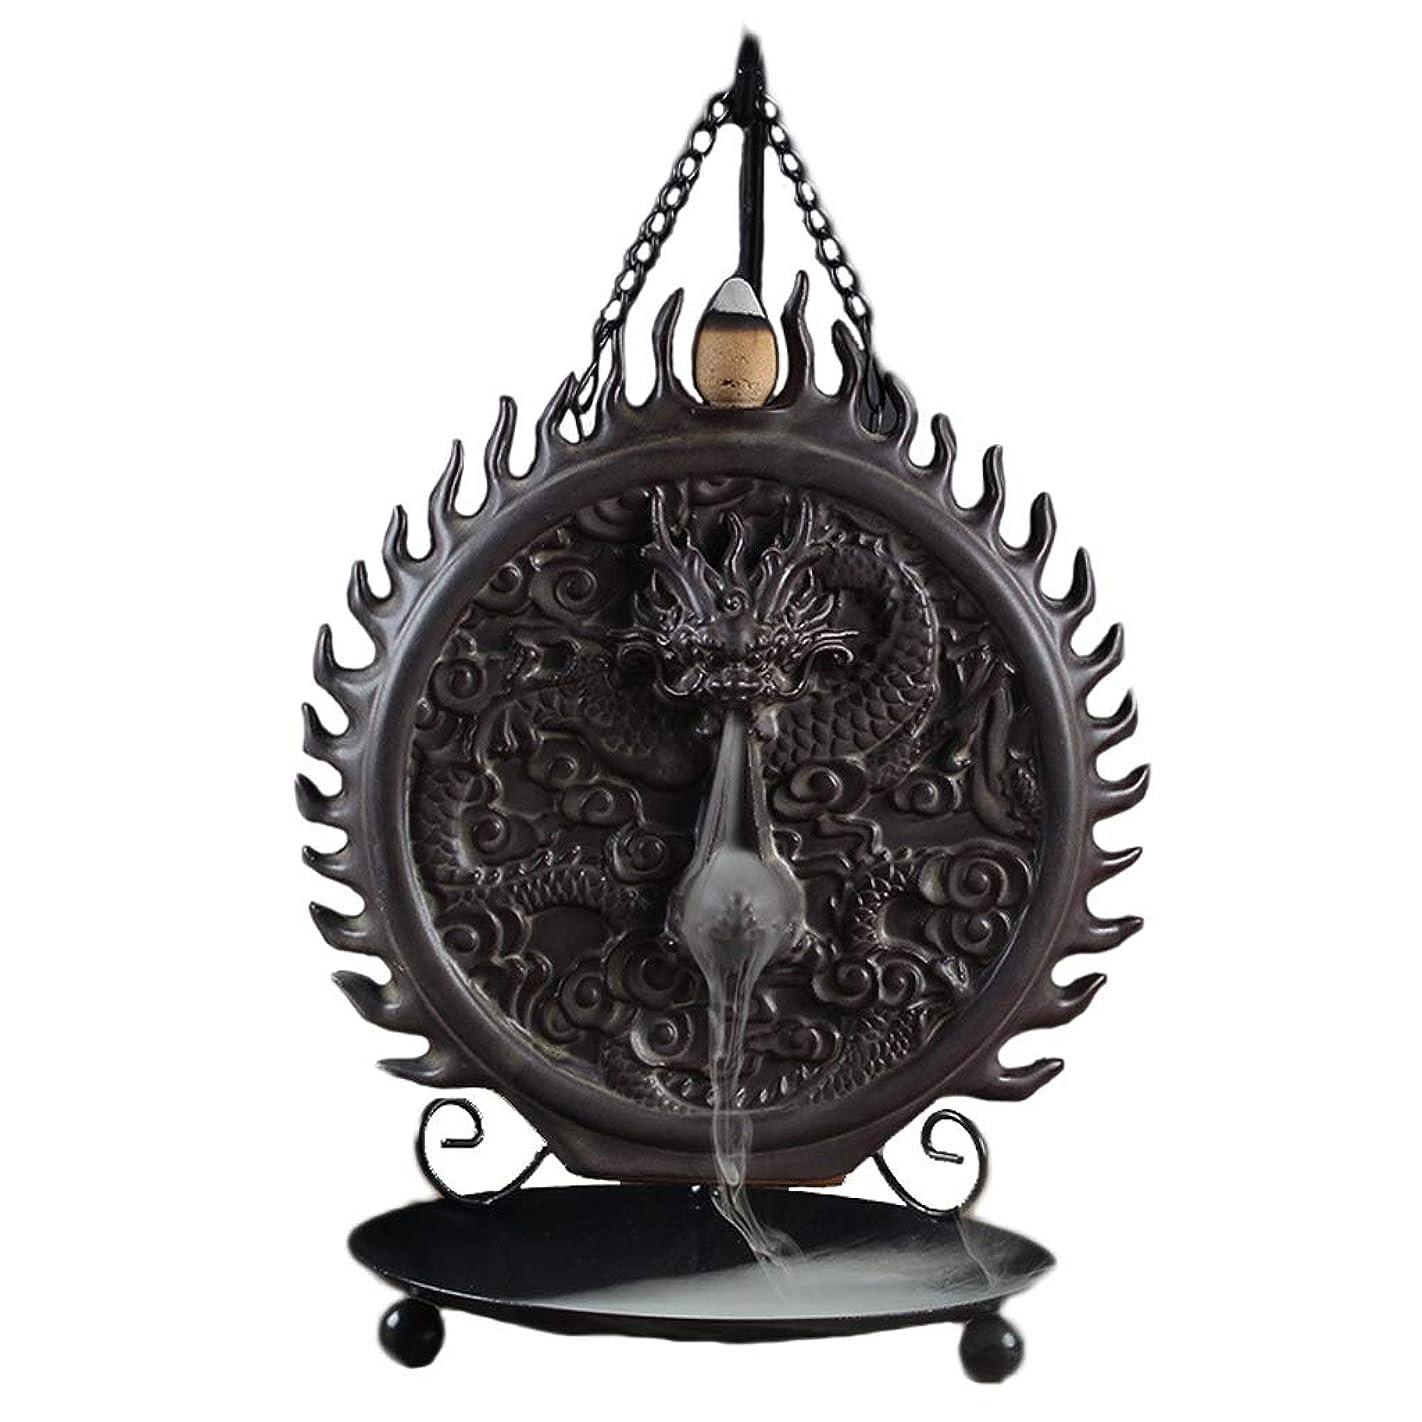 散逸レスリング売るセラミックハンギング香炉バックフロードラゴンディスクホーム炉装飾香ホルダーアロマセラピー香バーナーホルダー (Color : Black, サイズ : 6.29*9.44inches)